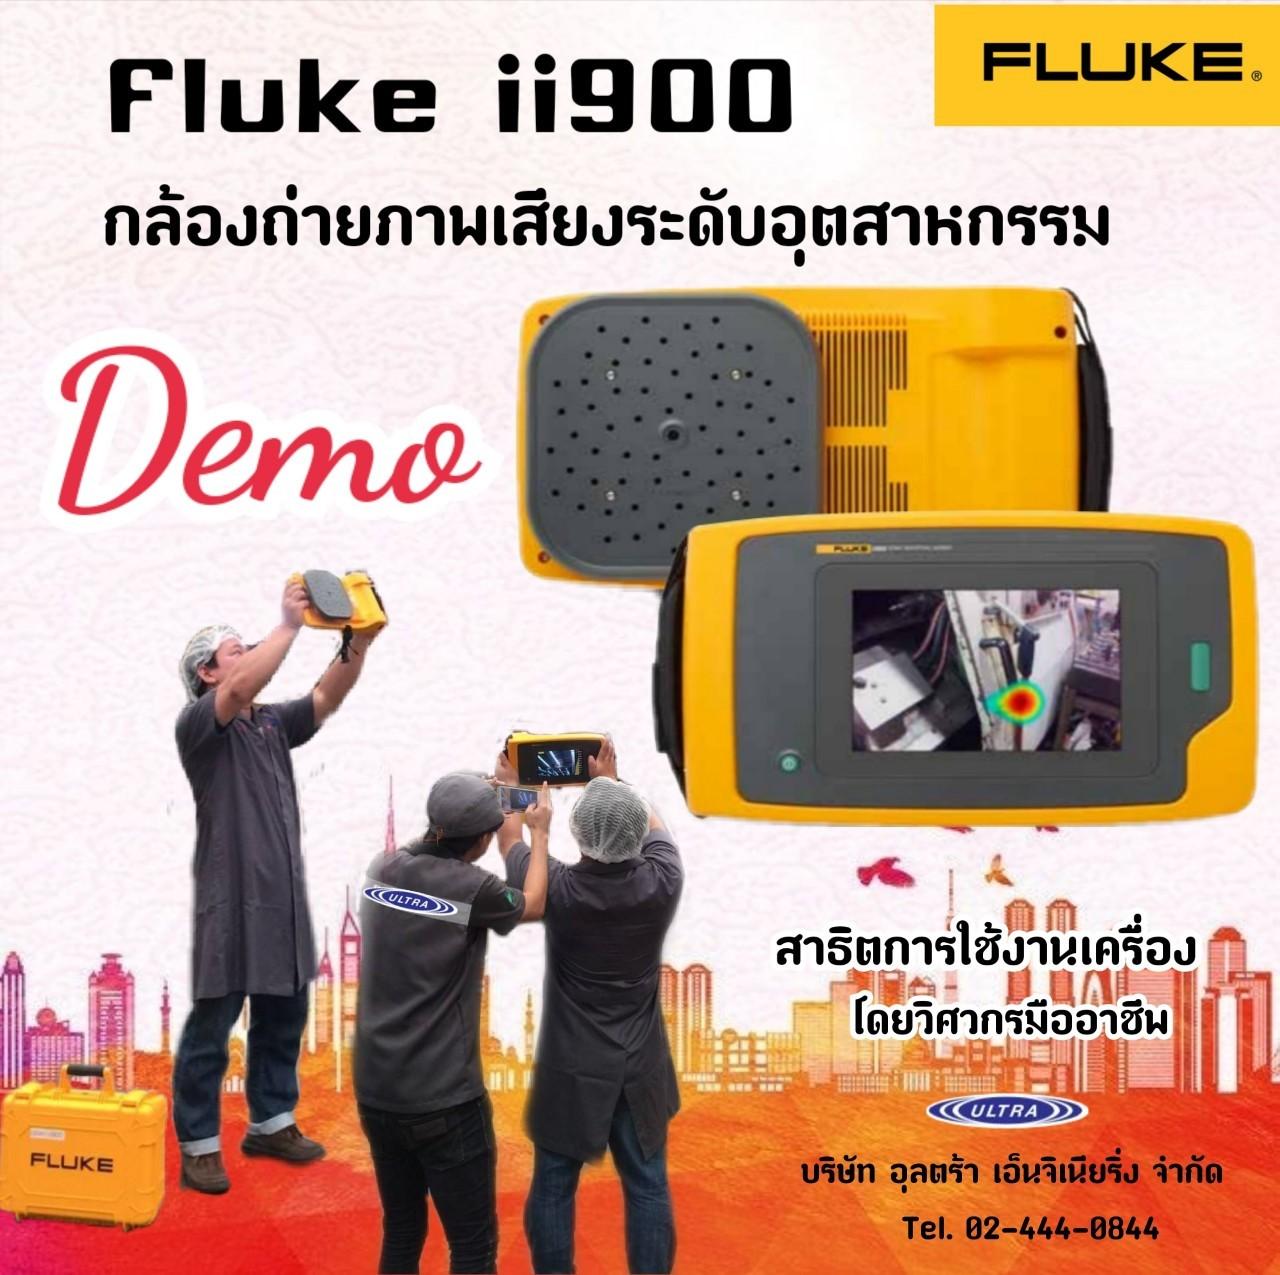 สาธิตเครื่องมือ Fluke ii900 กล้องถ่ายภาพเสียงระดับอุตสาหกรรม